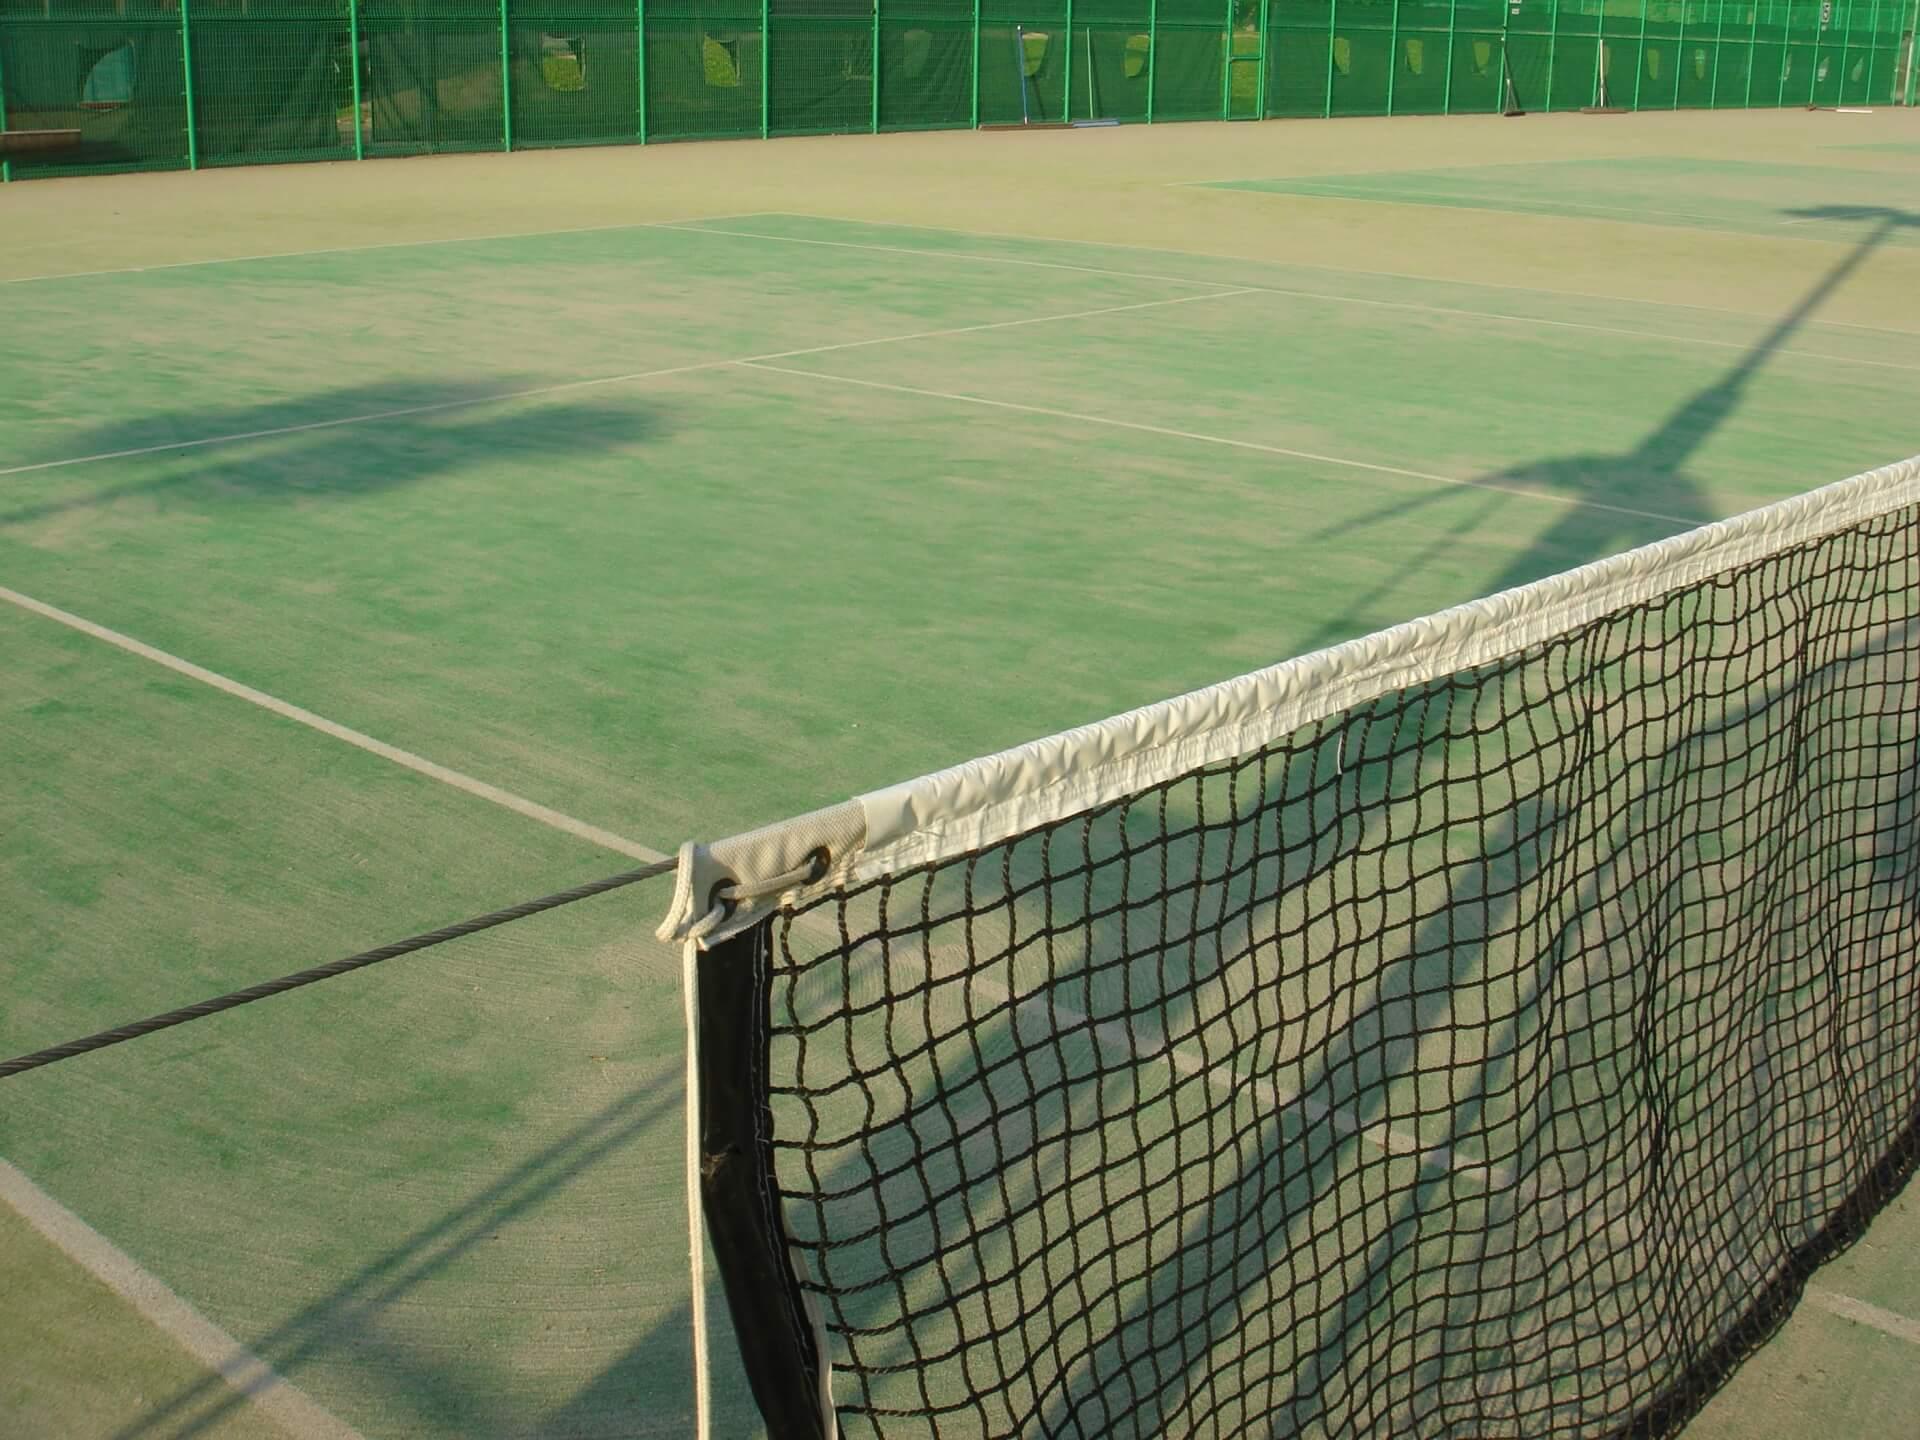 テニス用語『WO』とは?初心者向けにわかりやすく解説します